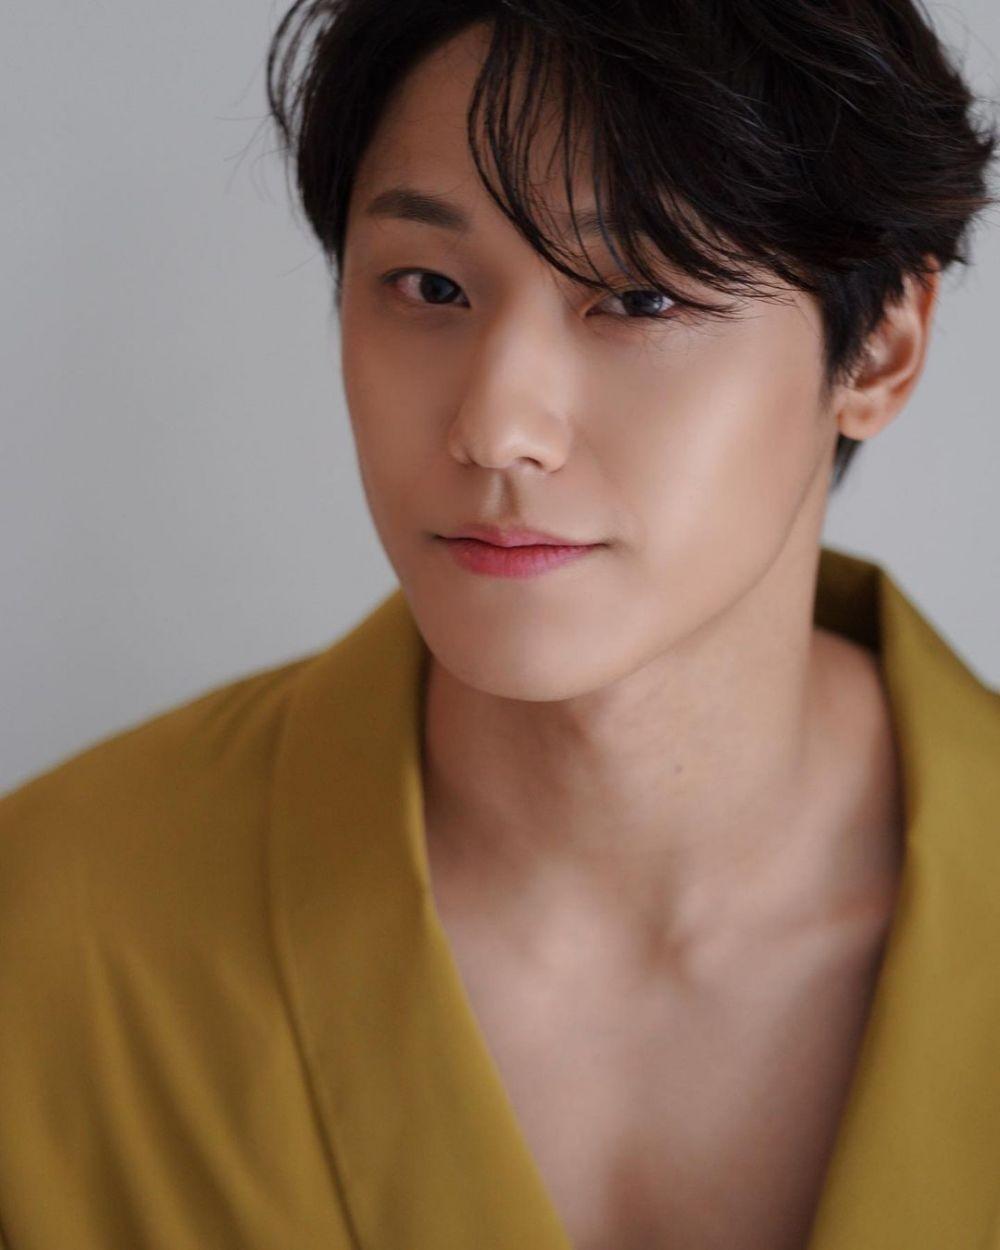 Hits Abis, Kim Seon Ho dan 19 Aktor-Aktris Ini Raih Reputasi Tertinggi